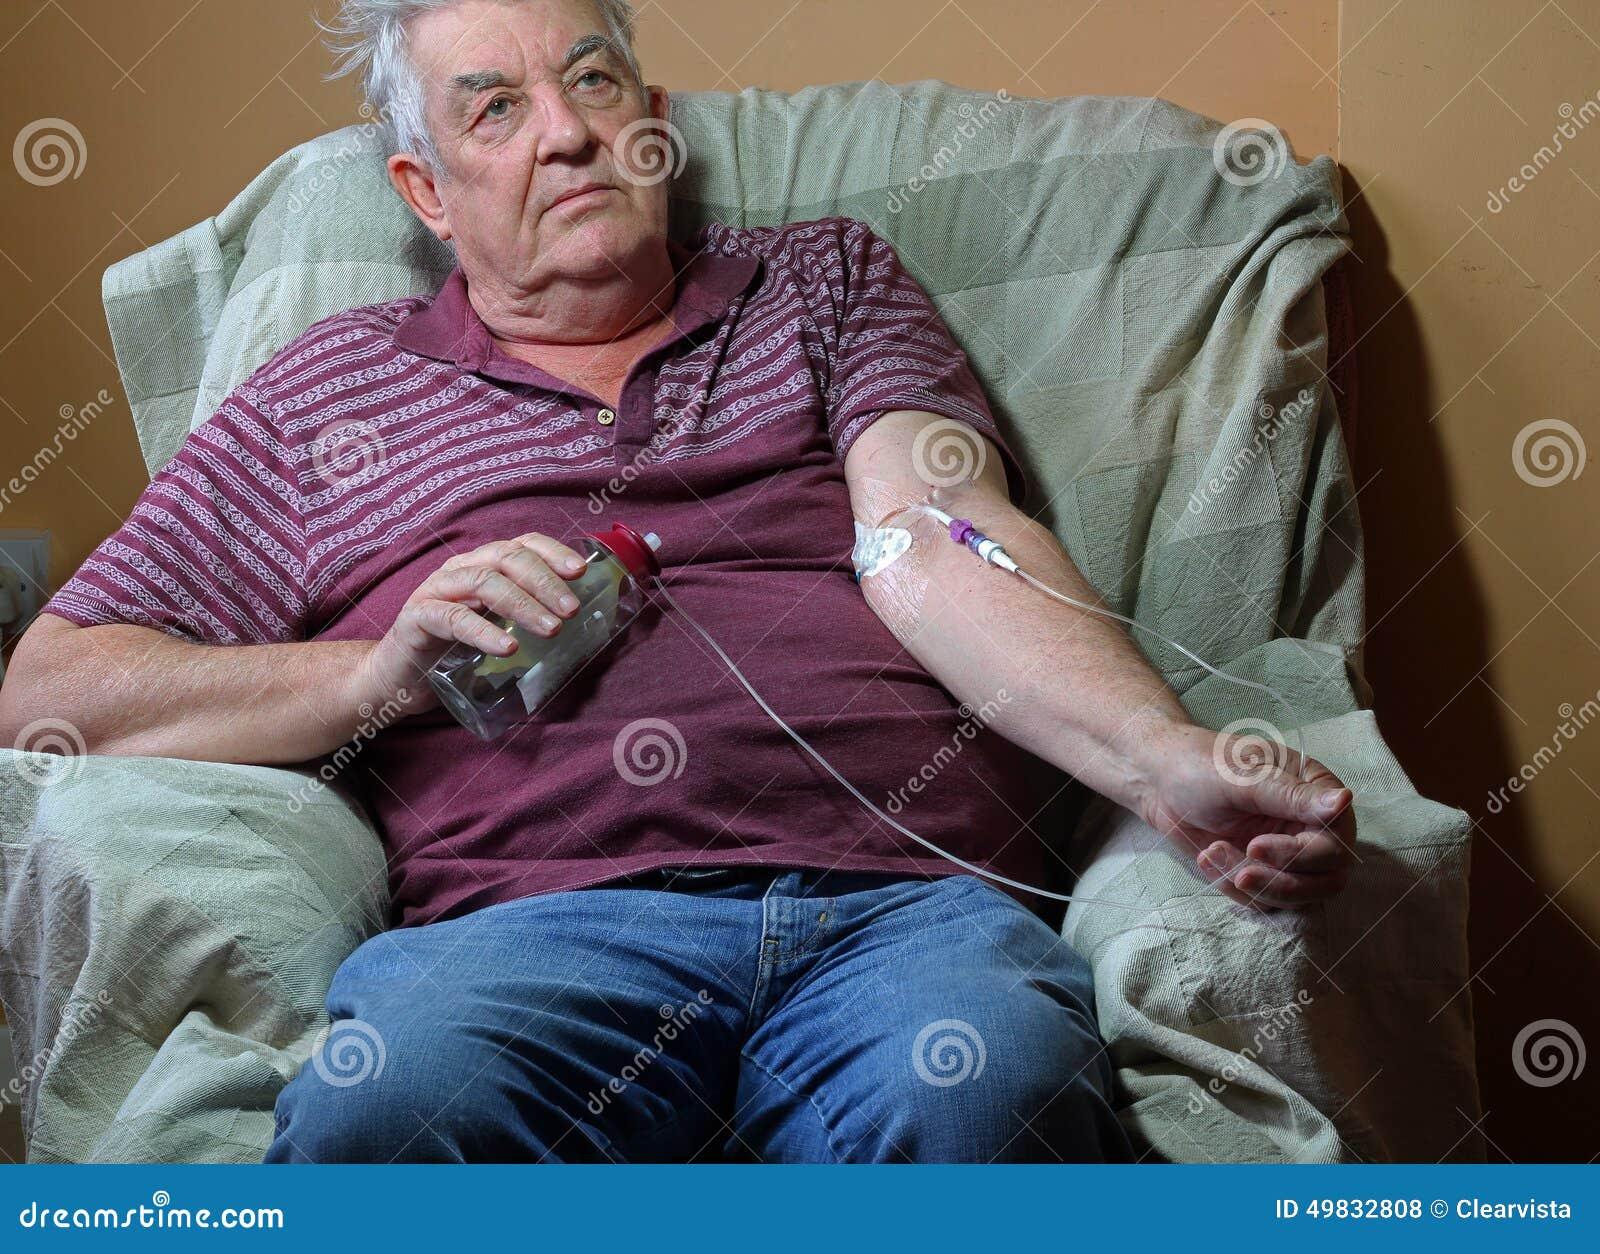 Ασθενής με καρκίνο, χημειοθεραπεία μέσω της γραμμής picc στο σπίτι